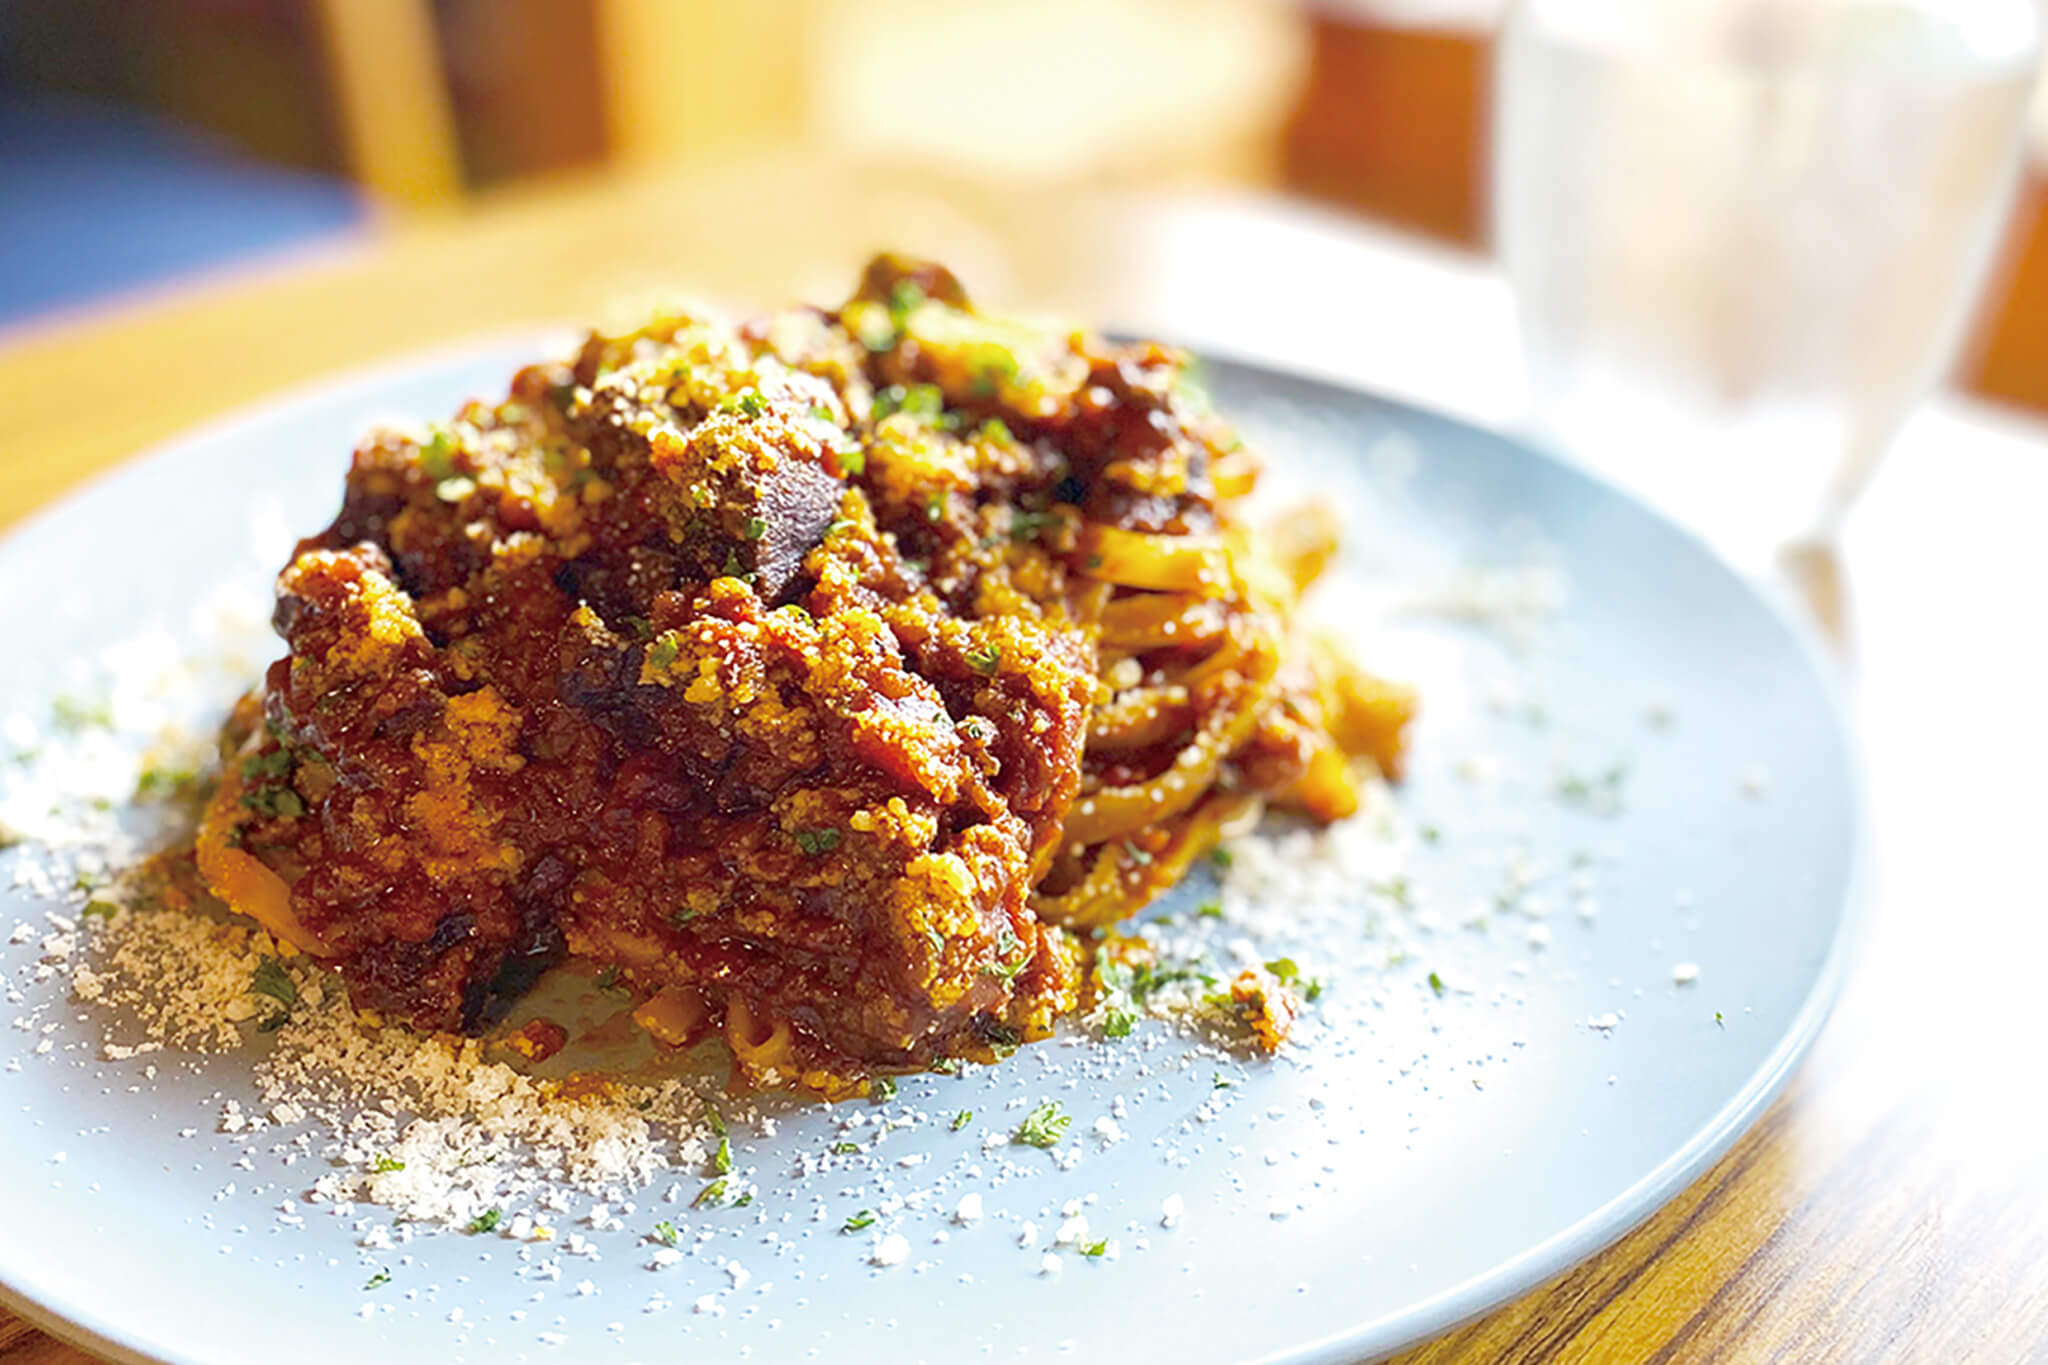 >鹿肉のボロネーゼパスタ (サラダ、スープ付き)